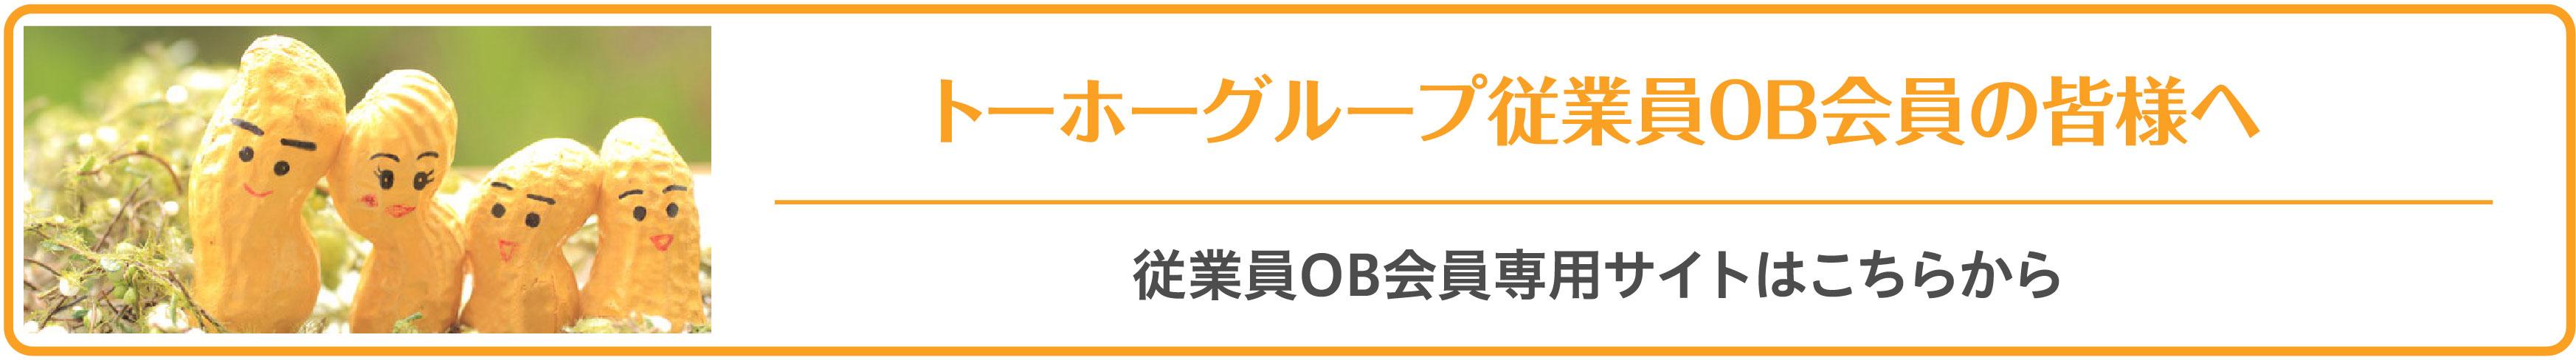 従業員OB会員専用サイトはこちらから